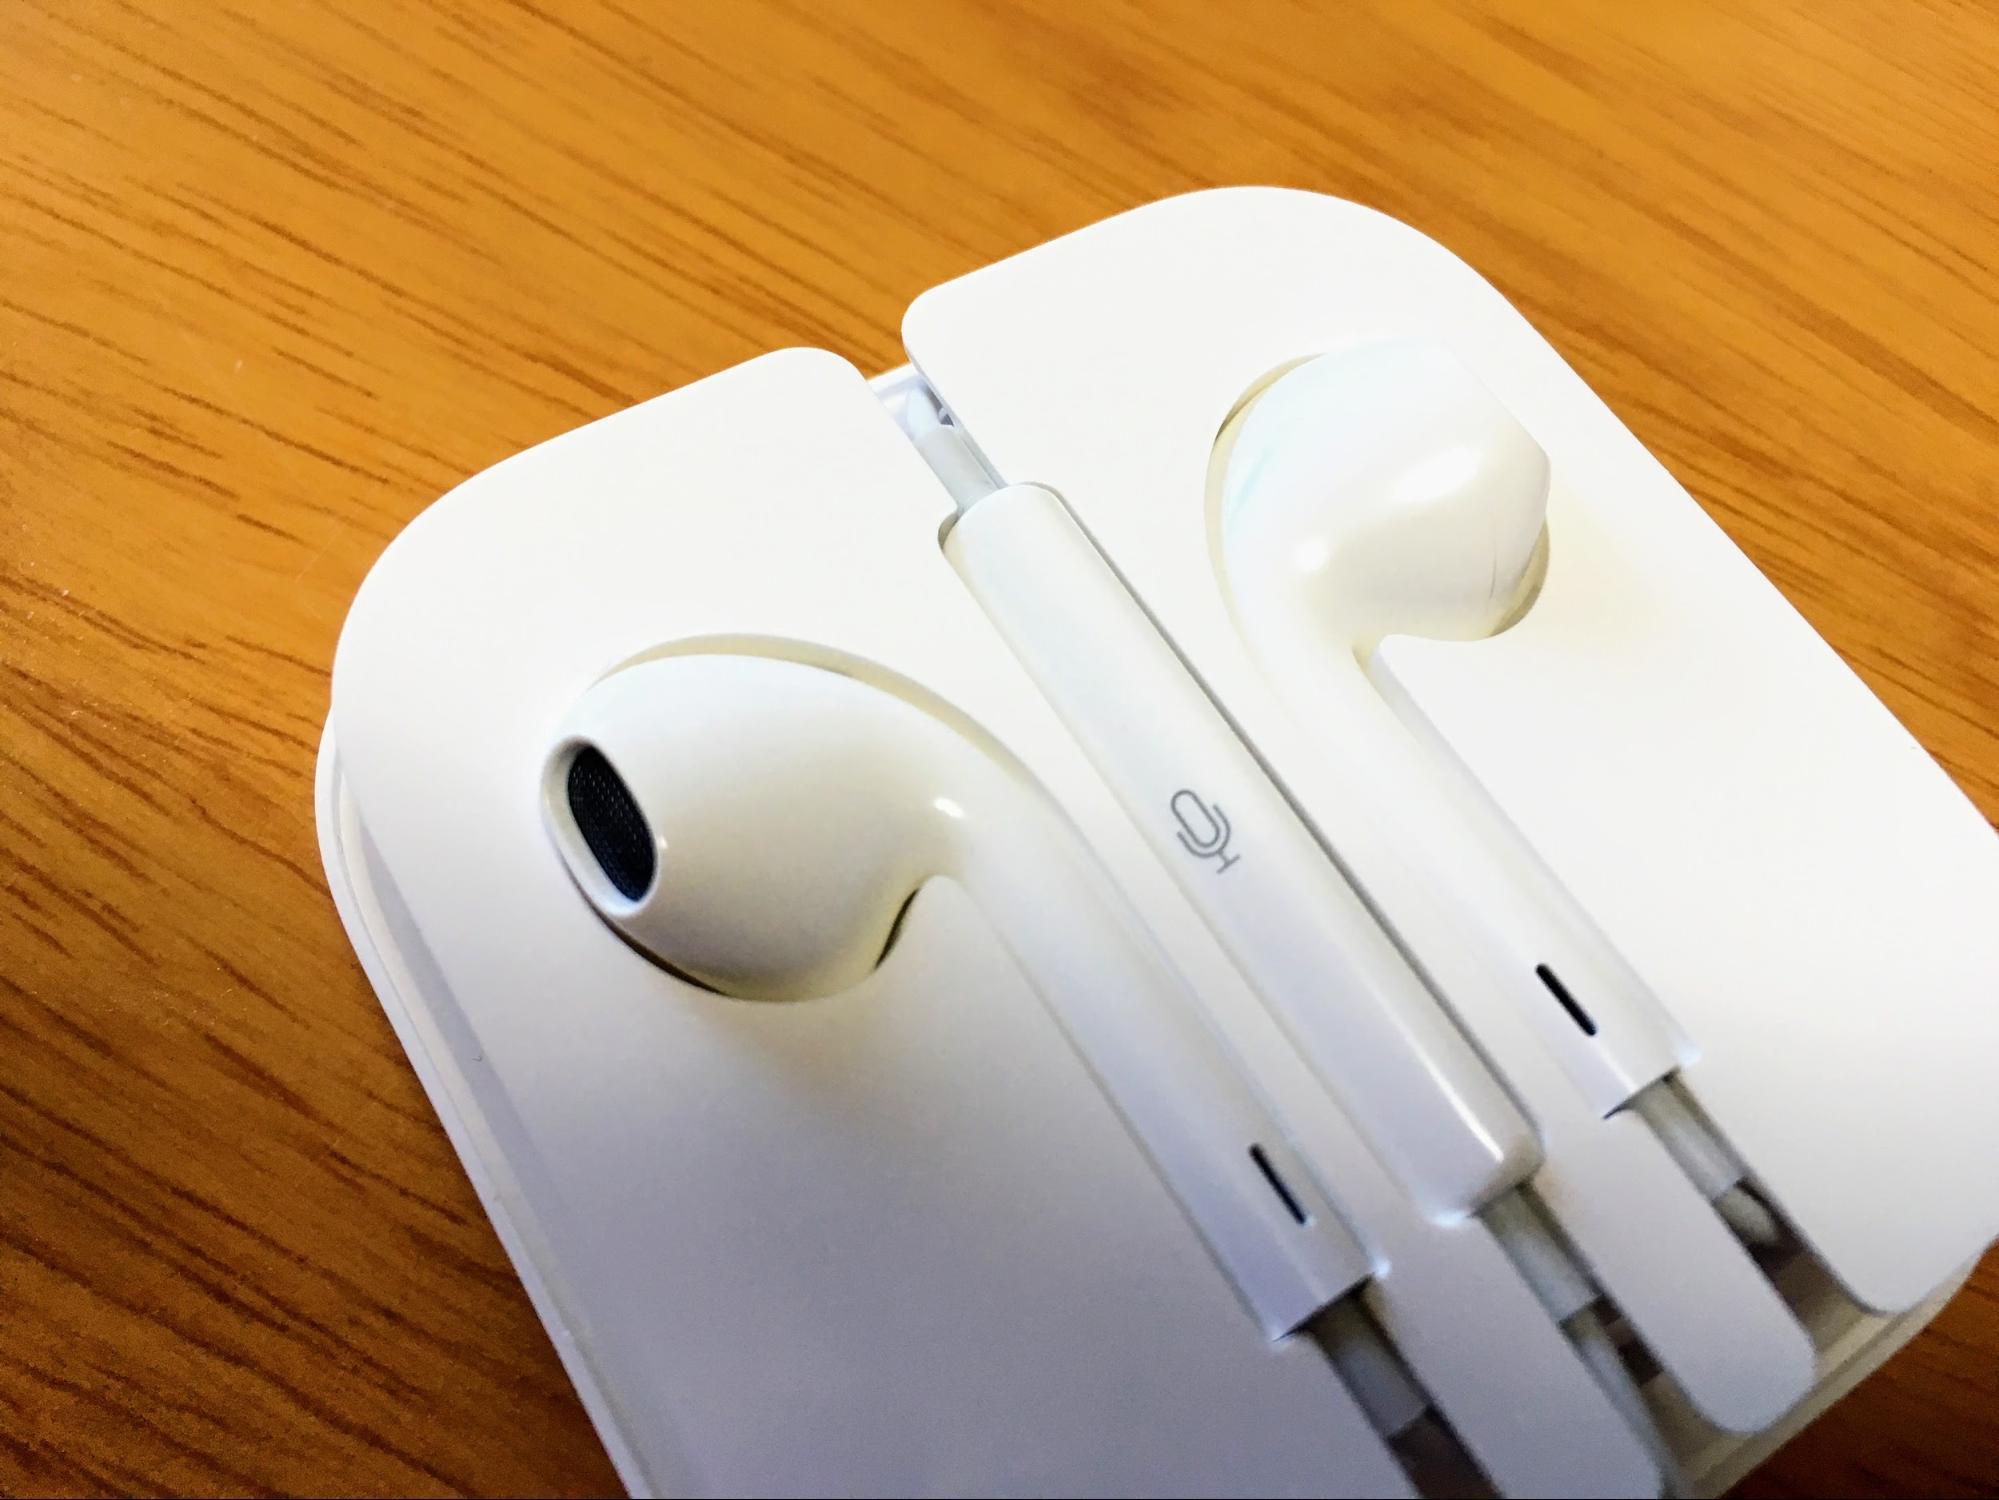 iPhoneのイヤホンはマイクがついている!